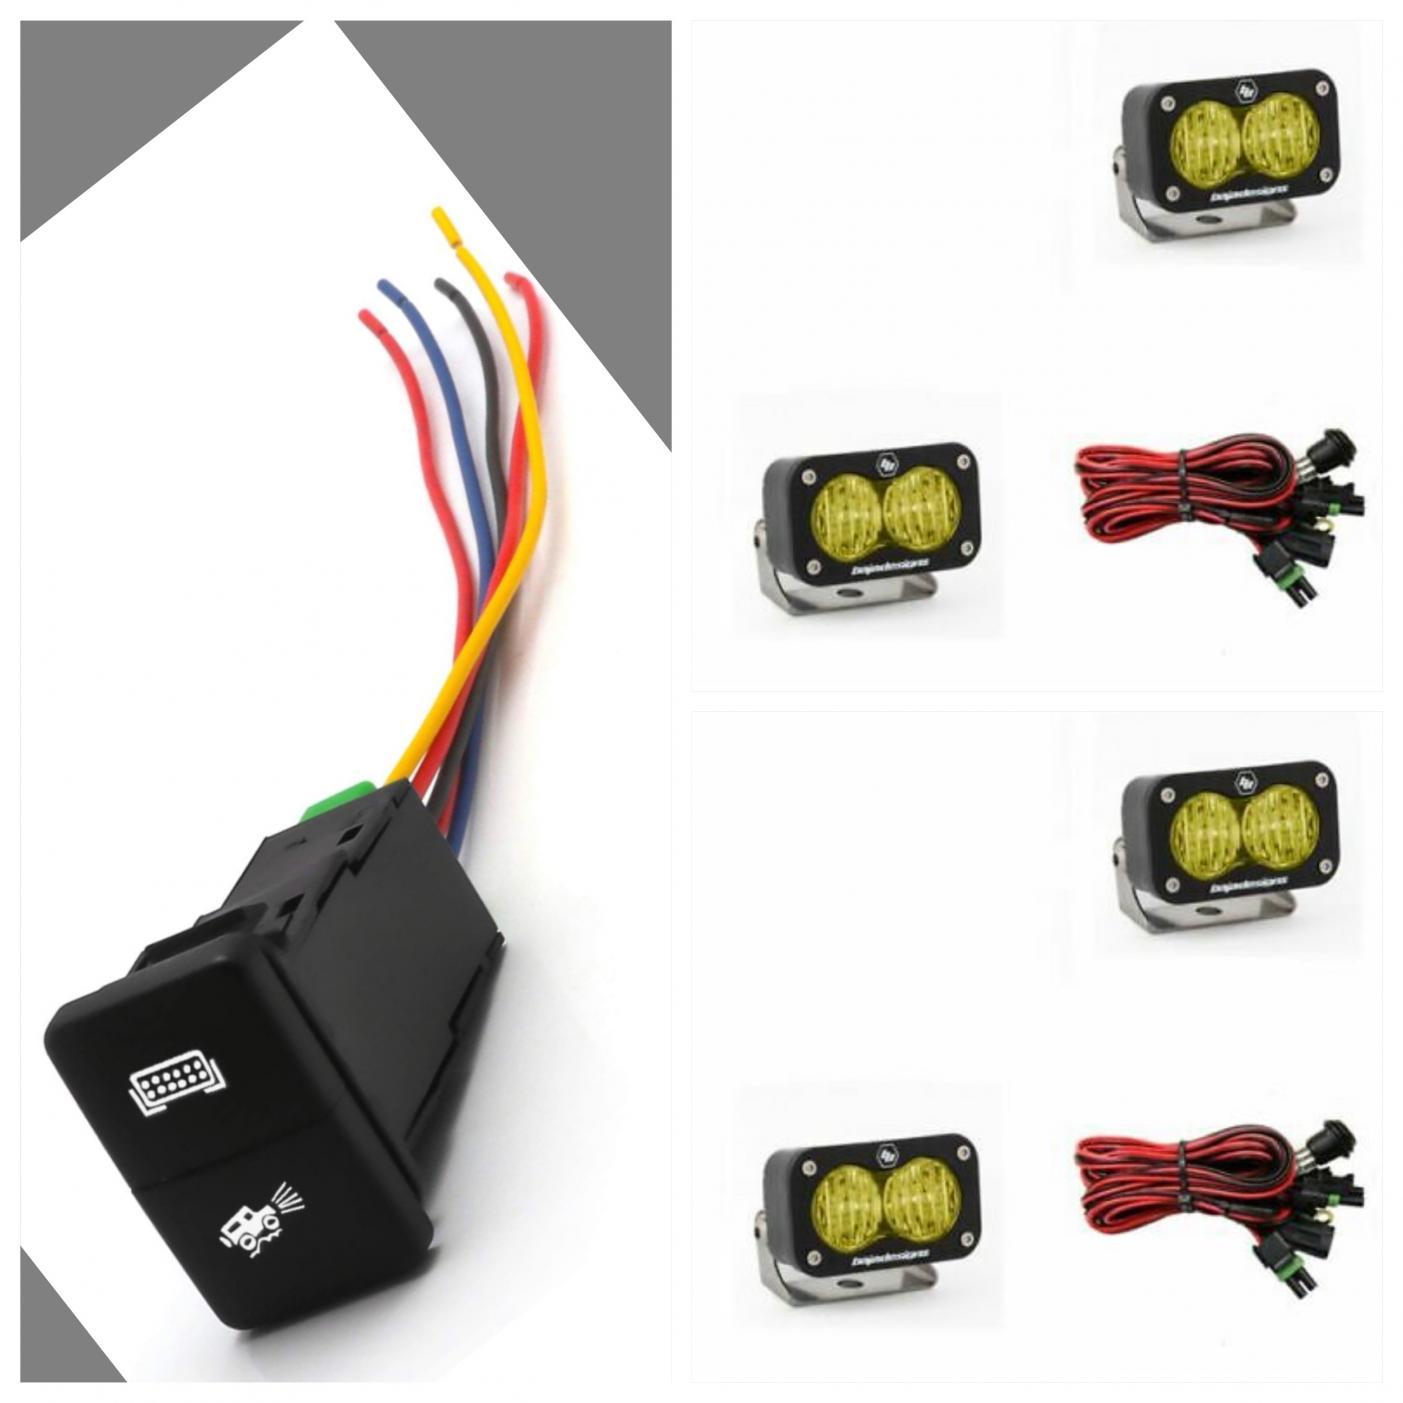 Lights Wiring-f991503b-e932-4c41-aa21-304fe5304f1f-jpg